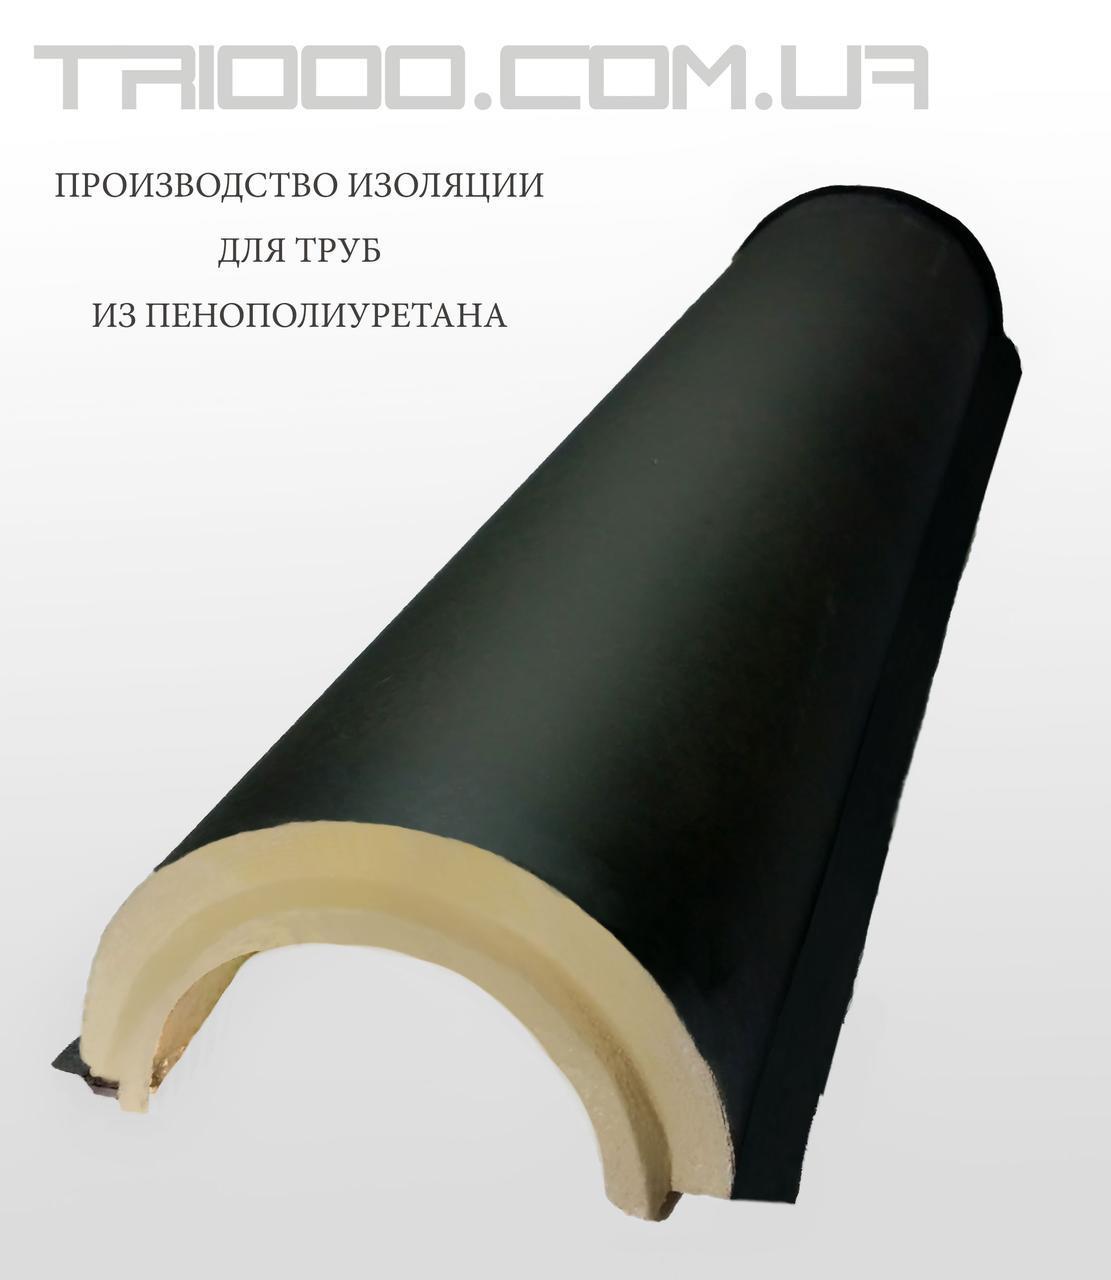 Сегменты теплоизоляционные для труб Ø 426/40 мм в покрытии из пергамина